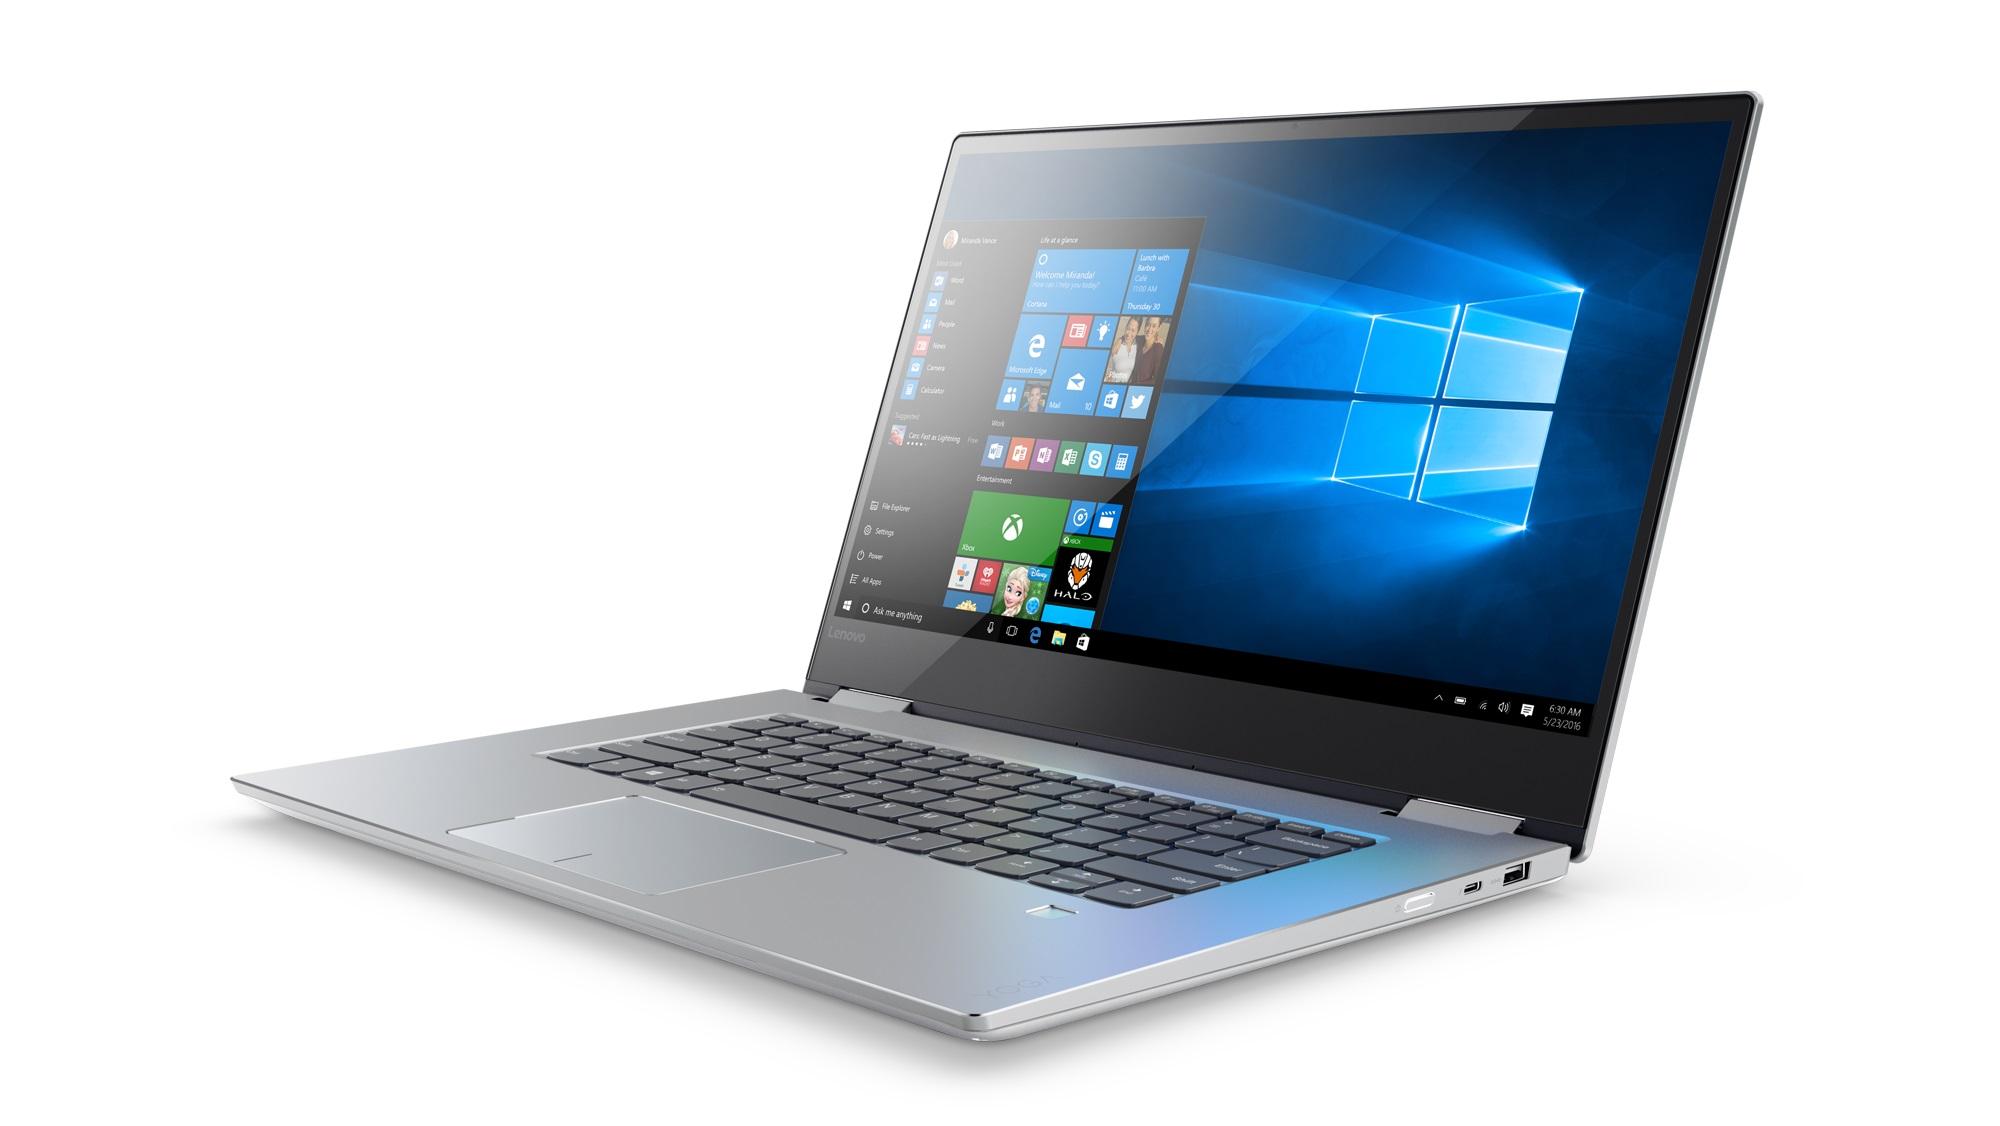 """Lenovo YOGA 720-15IKB i5-7300HQ 3,50GHz/8GB/SSD 256GB/15,6"""" FHD/AG/multitouch/GeForce 2GB/WIN10 stříbrná 80X7000KCK"""